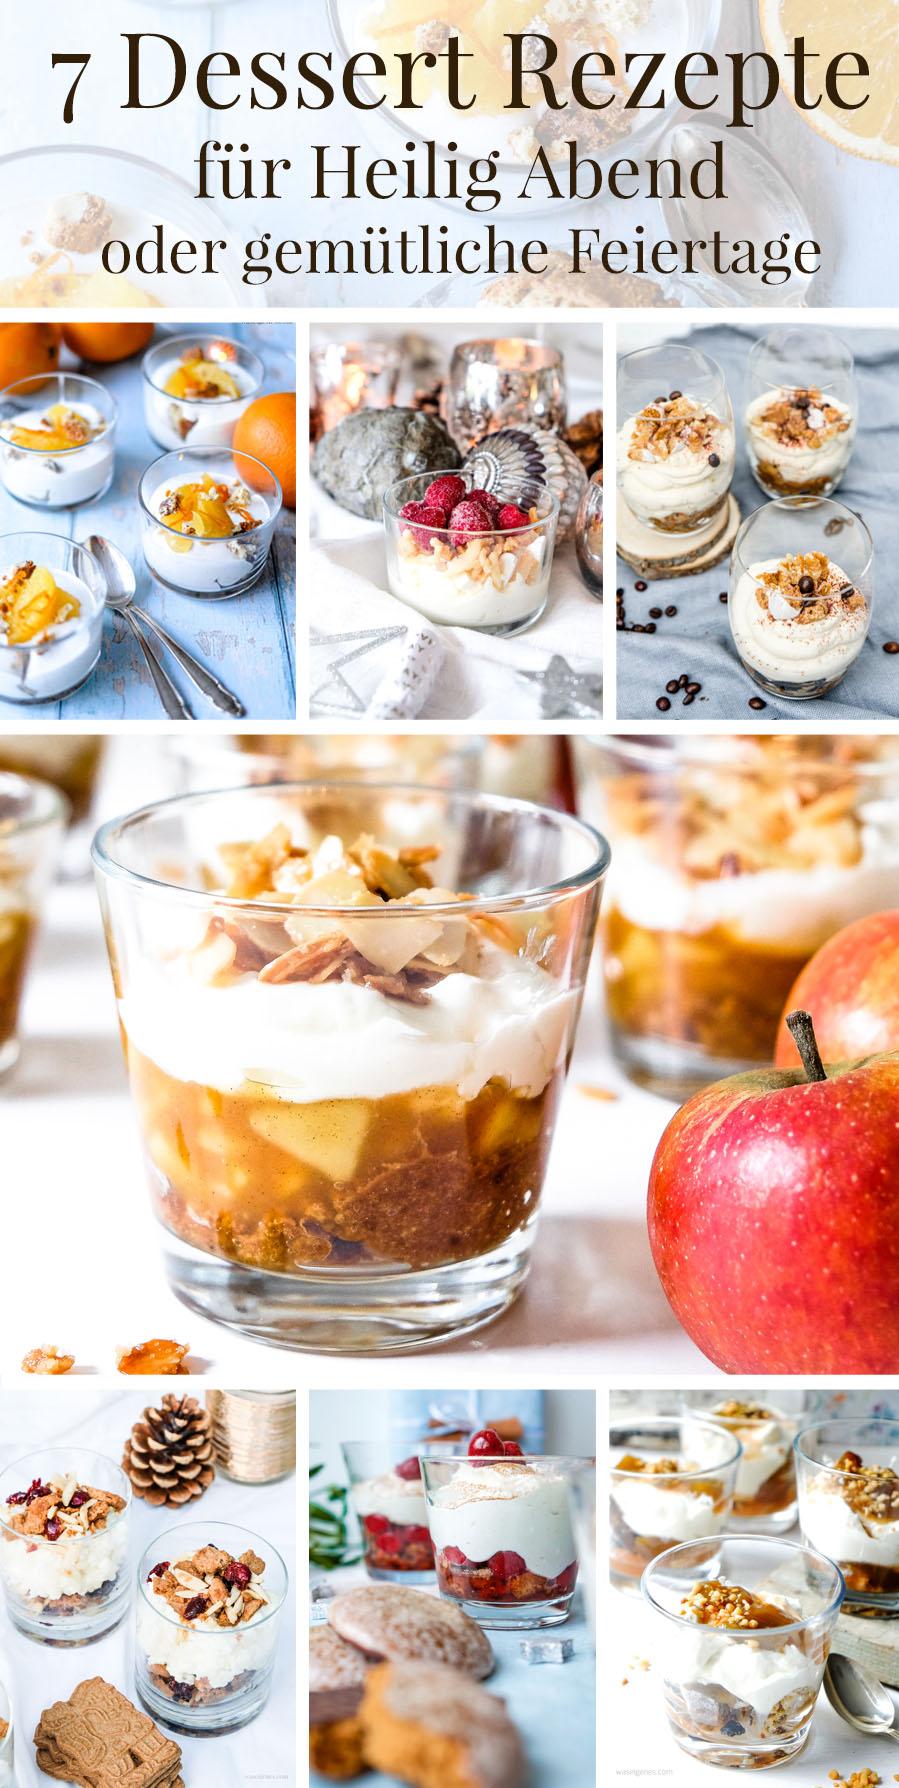 7 Dessert Rezepte für Heilig Abend oder gemütliche Feiertage im Advent | waseigenes.com